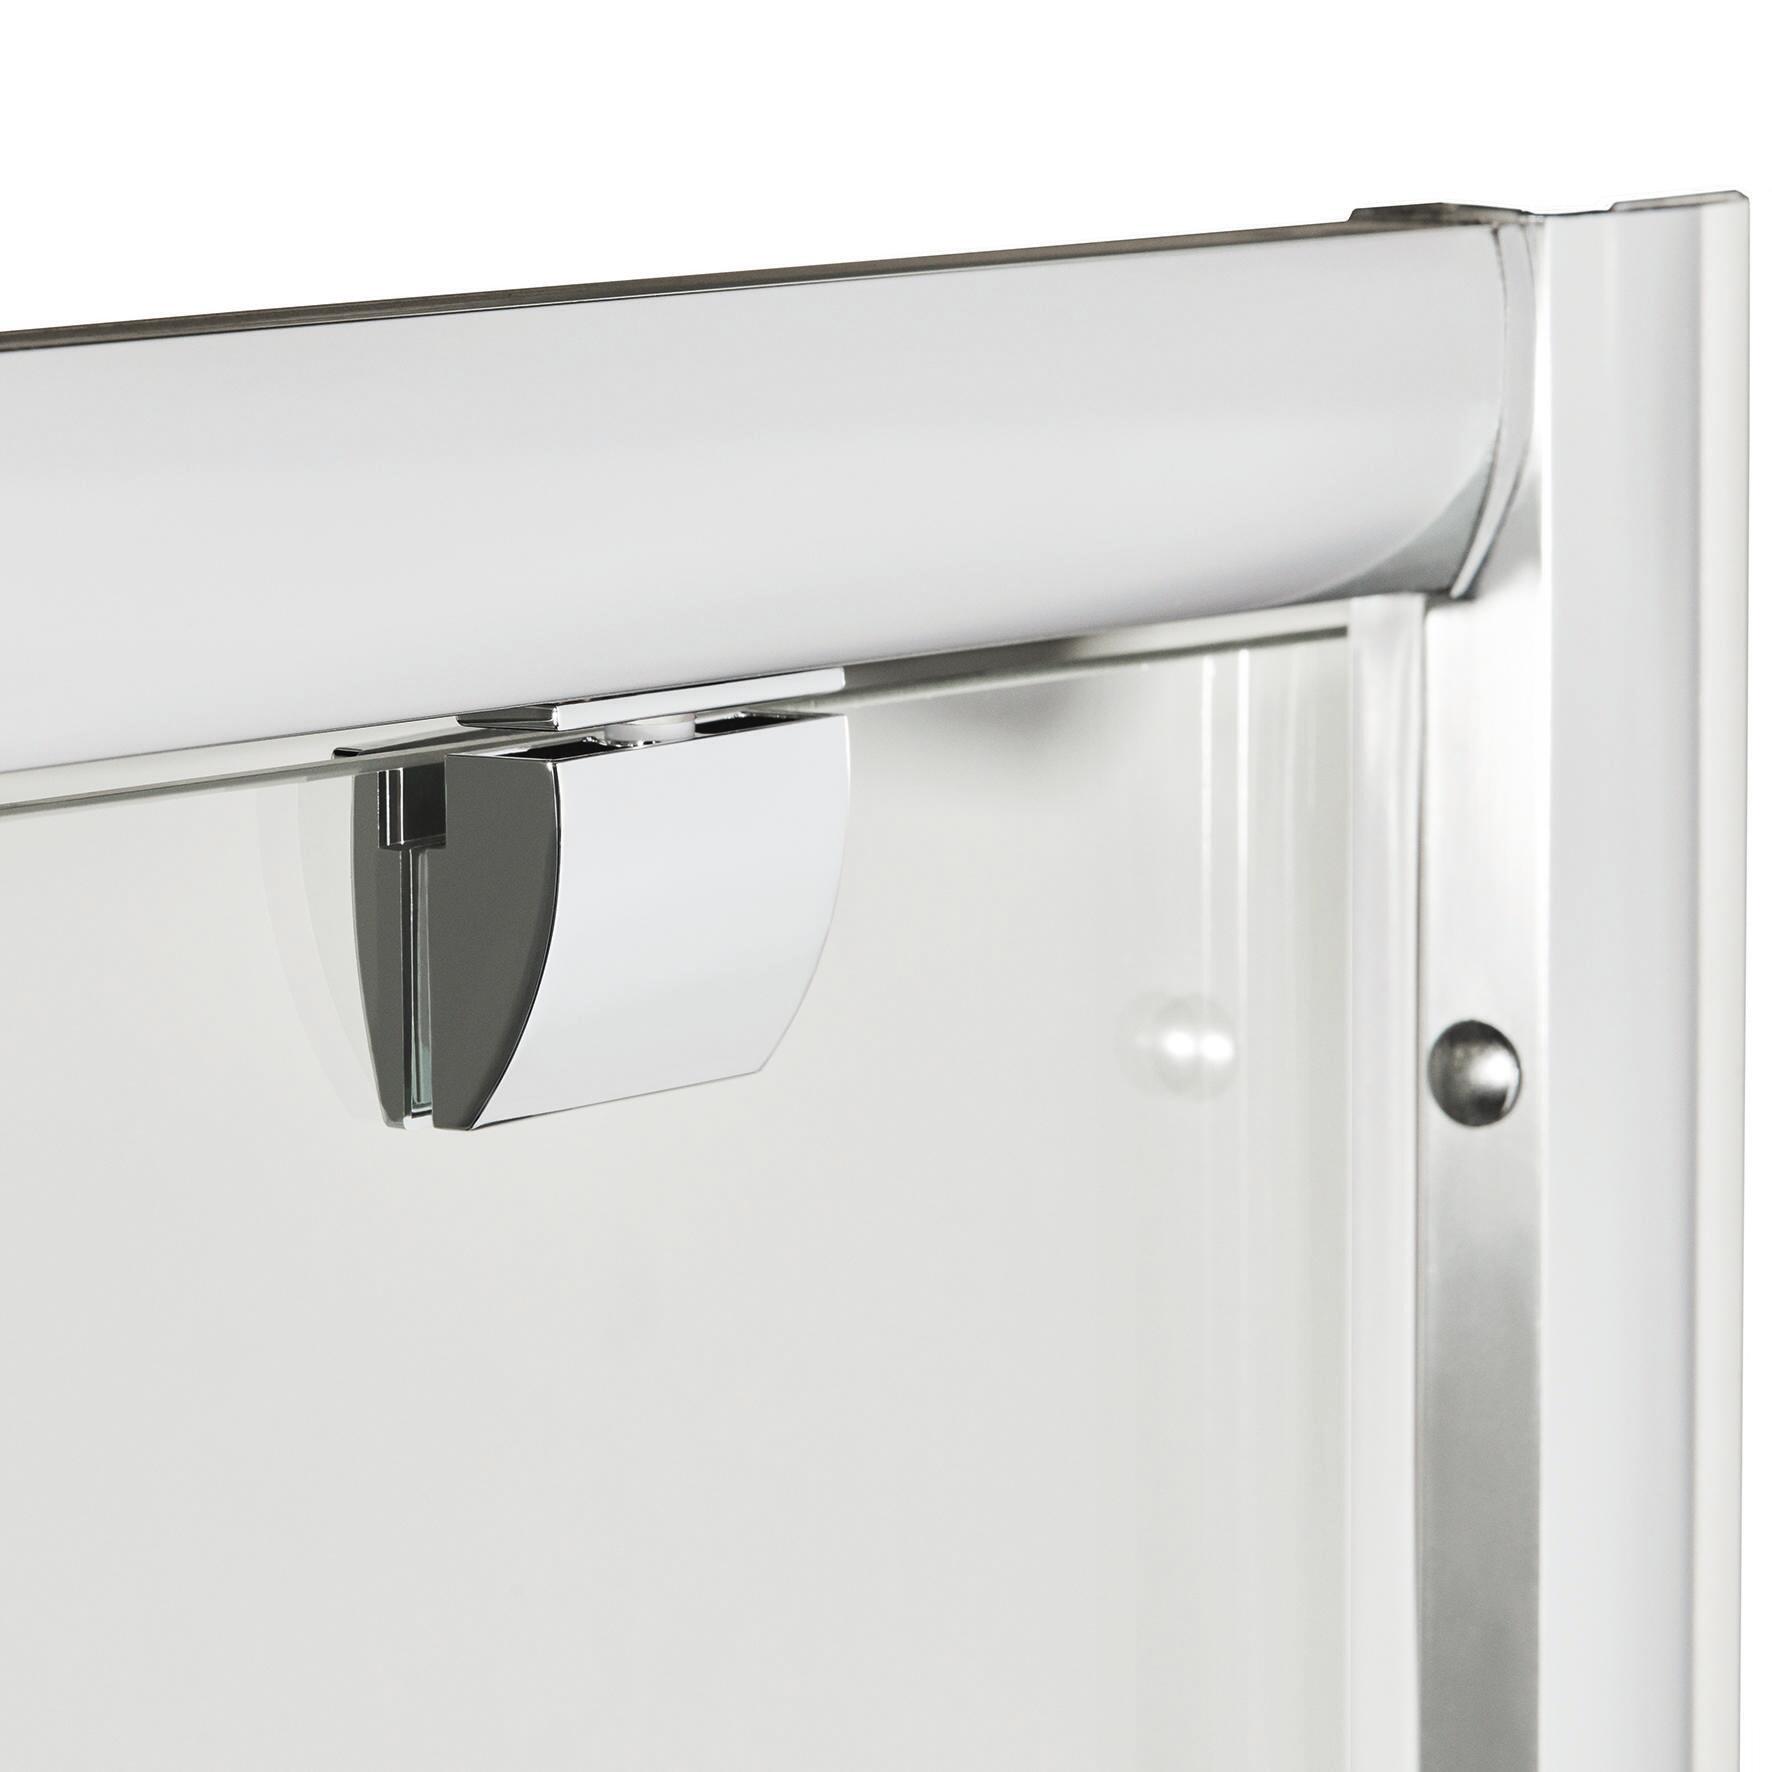 Box doccia quadrato battente Quad 70 x 80 cm, H 190 cm in vetro temprato, spessore 6 mm serigrafato argento - 2